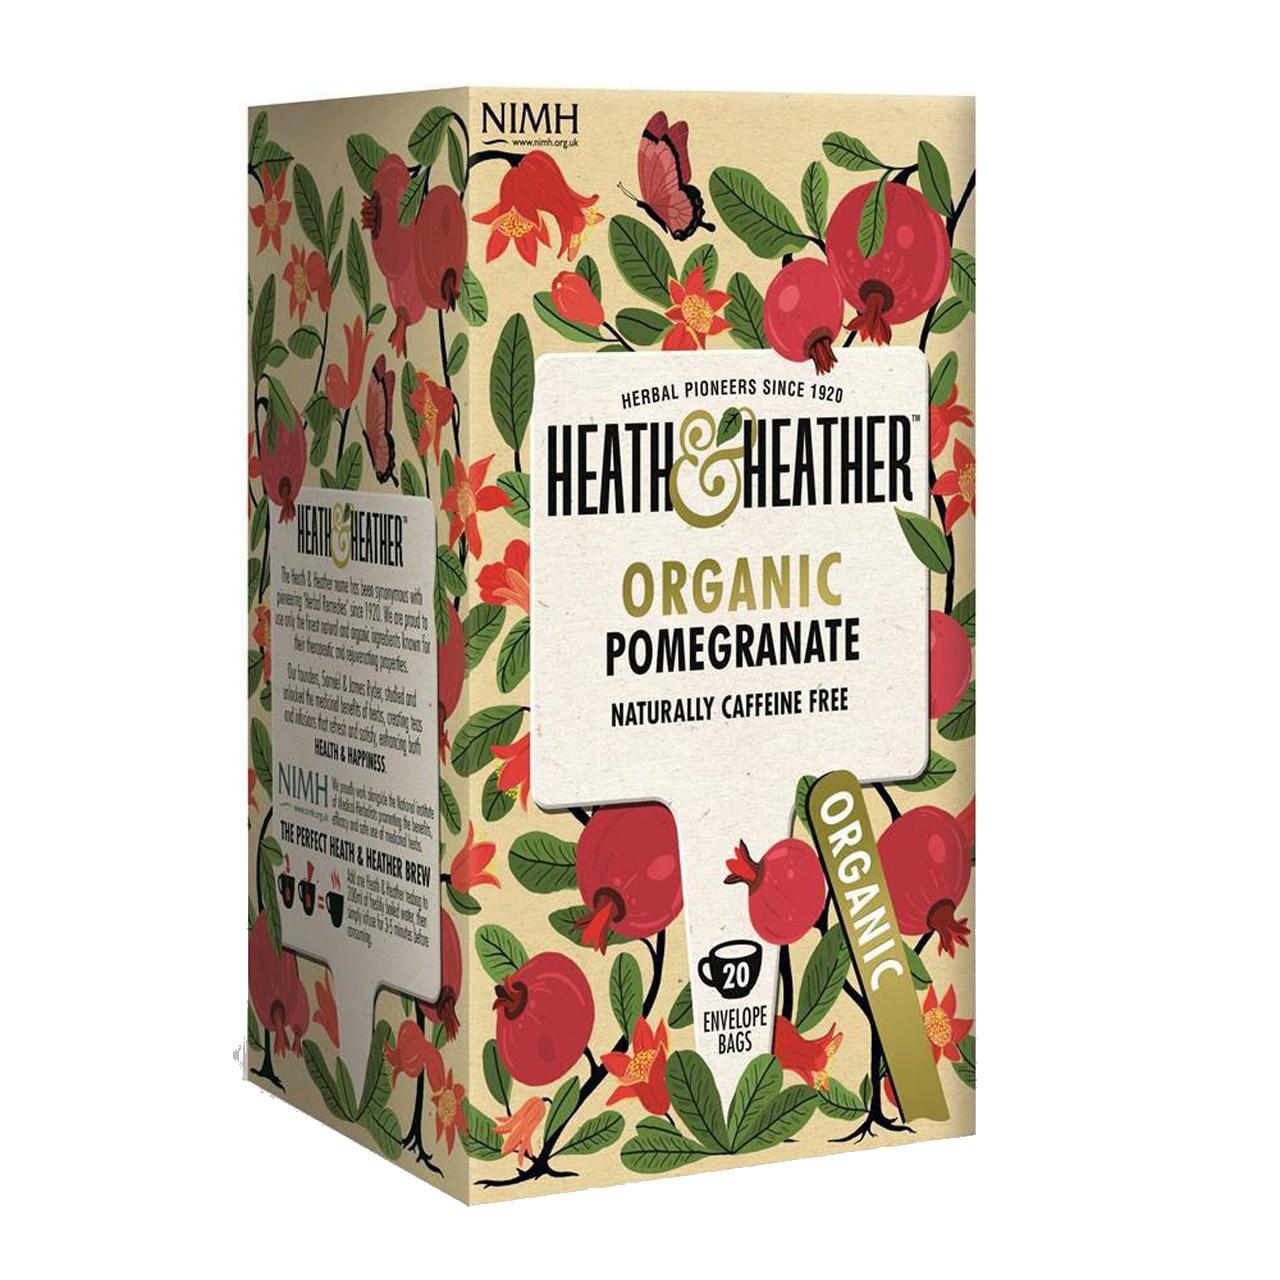 بسته دمنوش هیت و هیتر مدل Organic Pomegranate